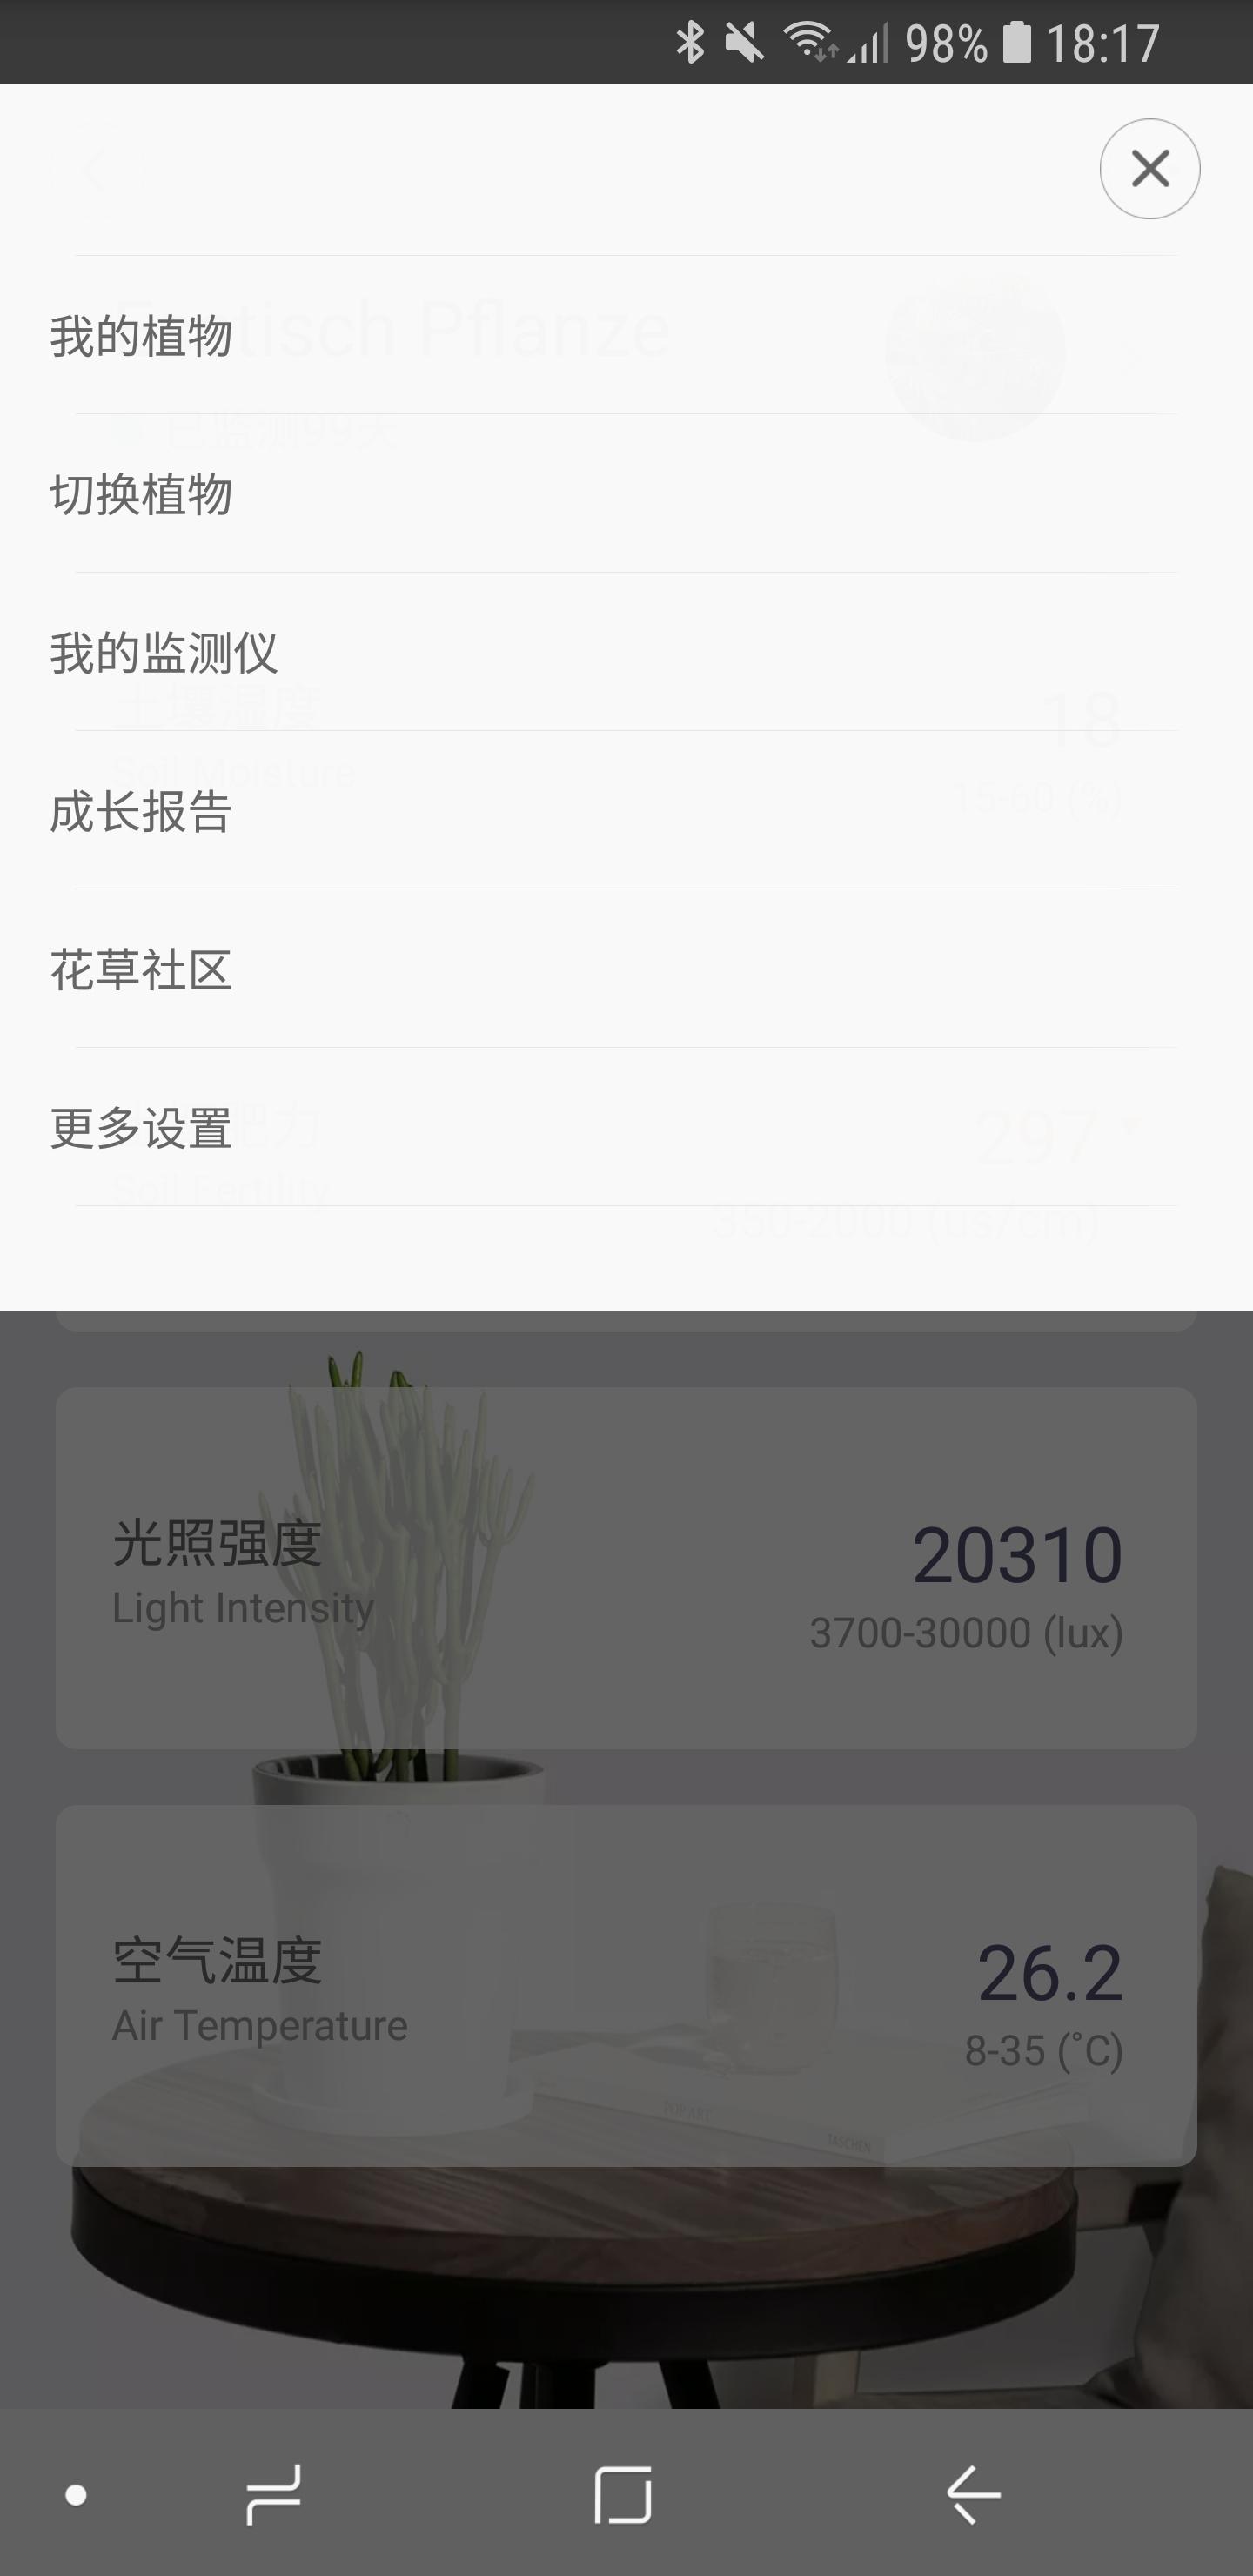 Mi Home Flower Care Feuchtigkeitssensor App 03